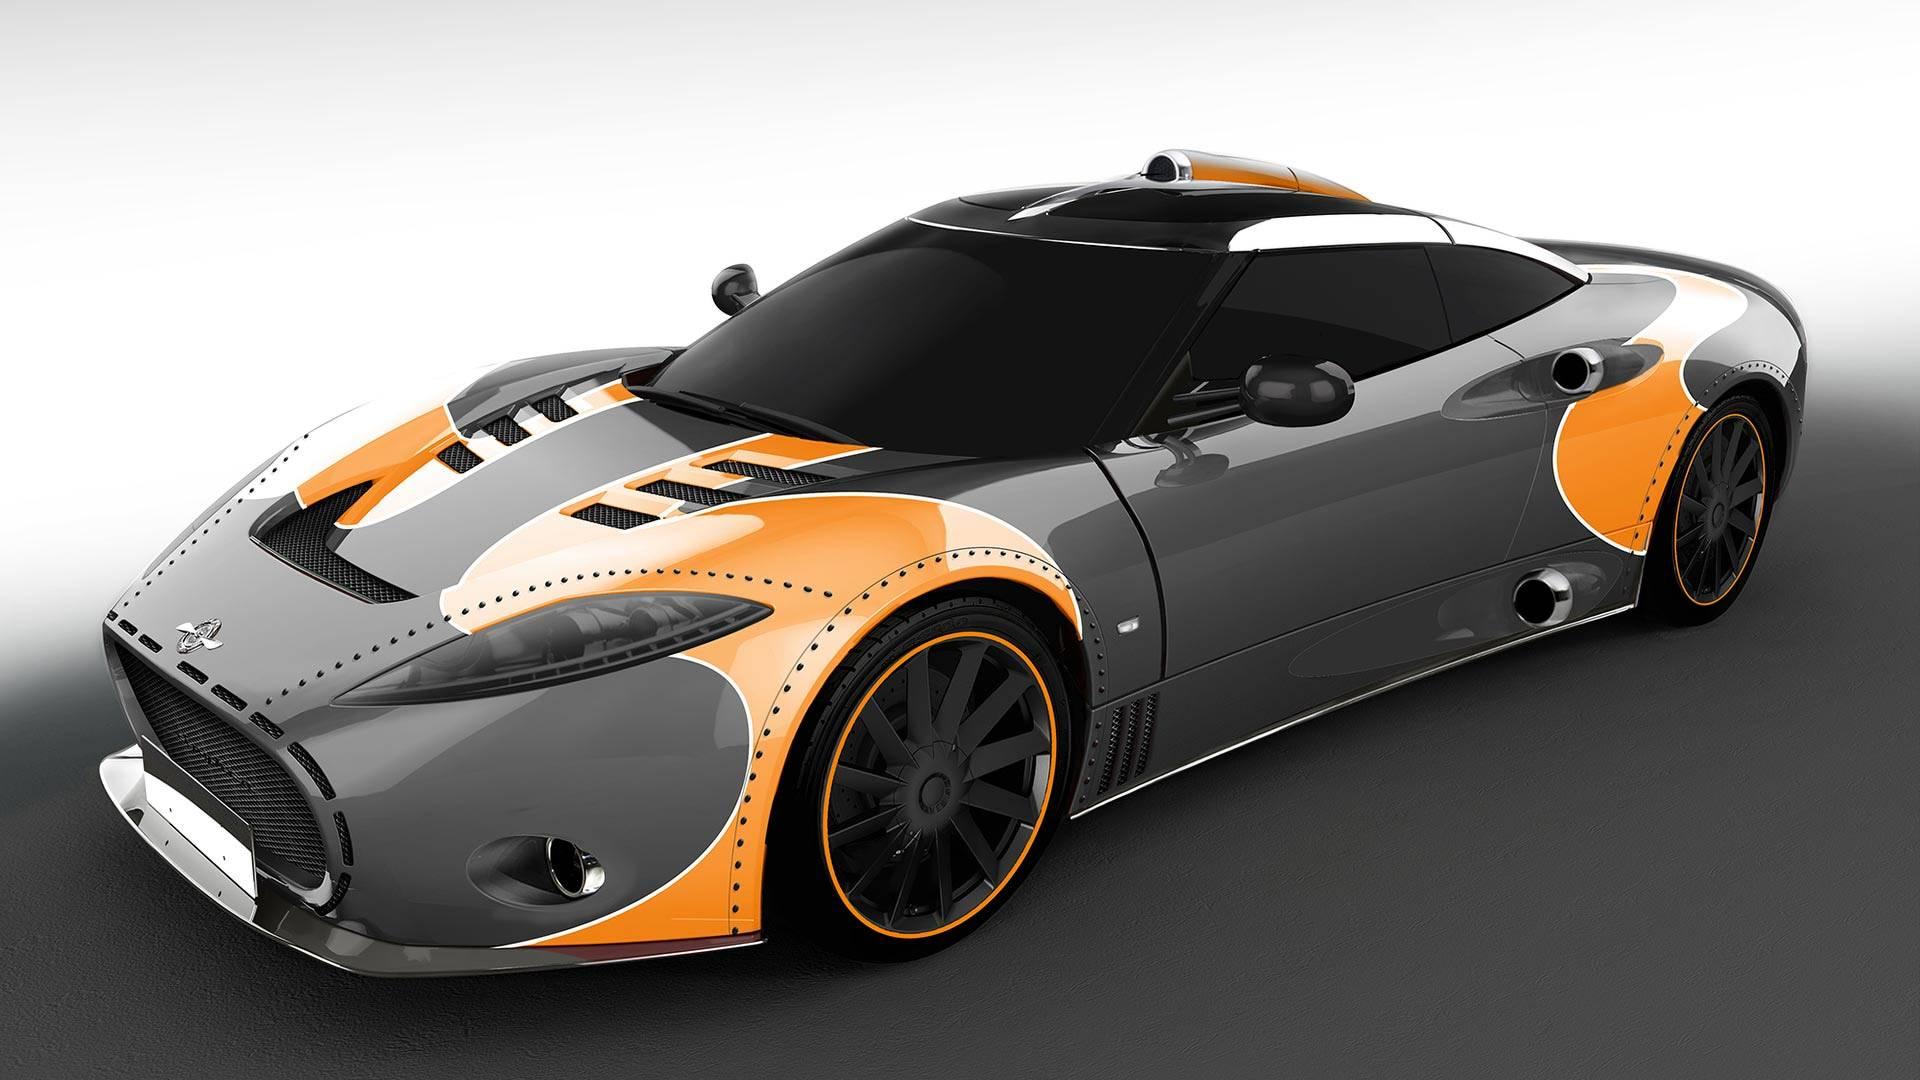 Суперкар Spyker C8 Aileron выпущен в«прощальной» серии